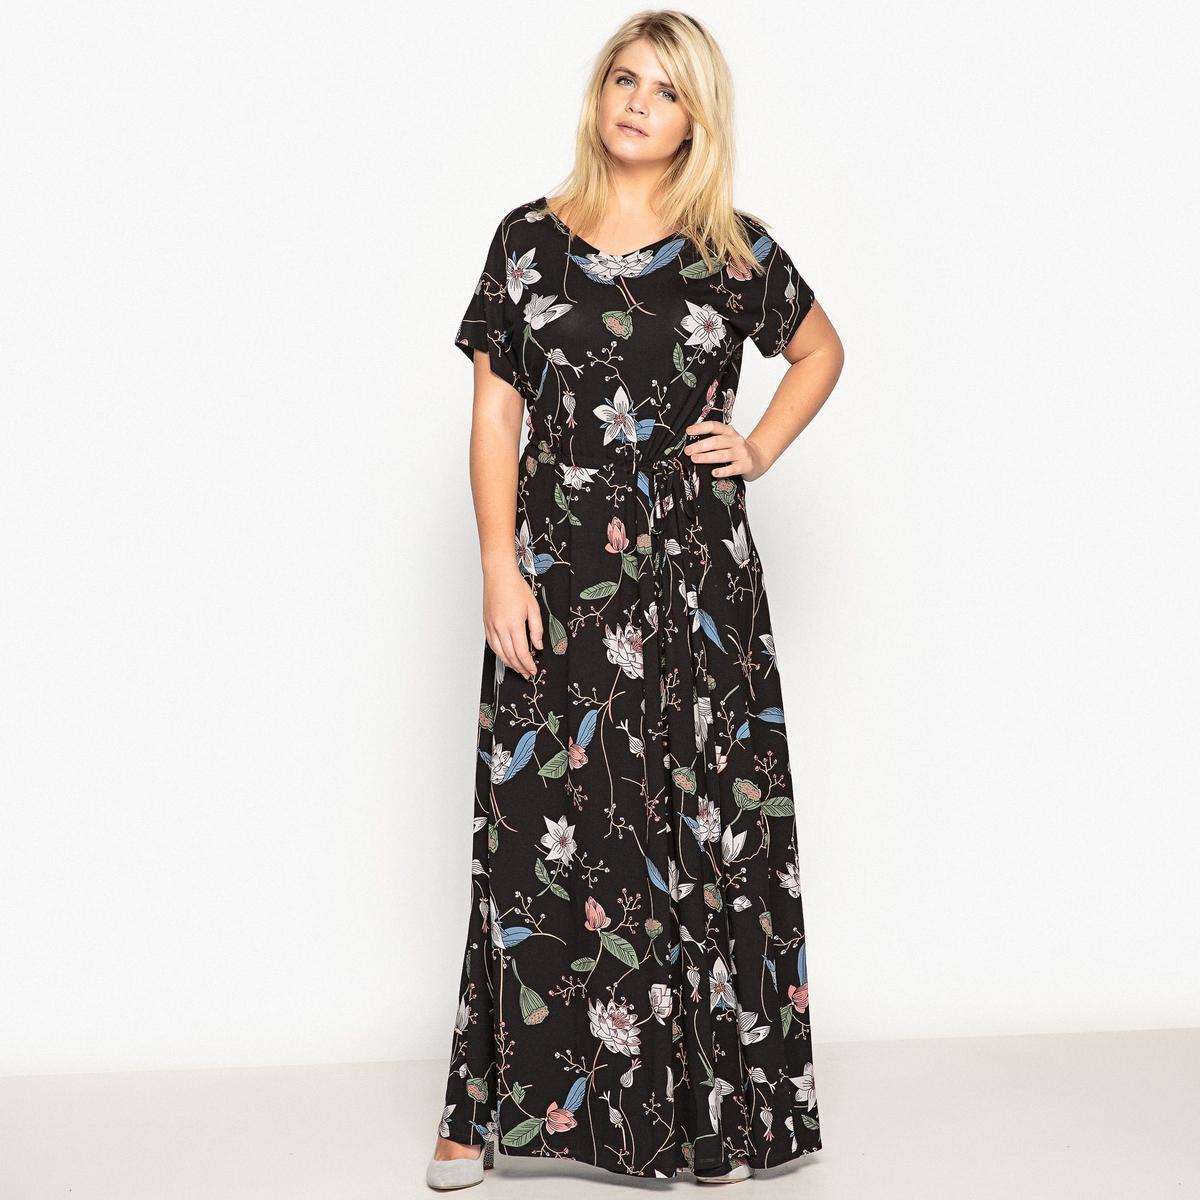 Платье прямое длинное с короткими рукавамиОчень современное длинное платье с цветочным принтом из трикотажа . Это длинное женственное платье с цветочным принтом можно надеть на любой случай .Детали •  Форма : прямая •  Длина ниже колен •  Короткие рукава    •   V-образный вырез •  Рисунок-принт •  Регулируемый пояс Состав и уход •  95% вискозы, 5% эластана •  Температура стирки при 30° на деликатном режиме   •  Сухая чистка и отбеливание запрещены •  Не использовать барабанную сушку •  Низкая температура глажкиТовар из коллекции больших размеров •  Модный цветочный рисунок •  Очень длинное •  Завязки на поясе  •  длина 140 см<br><br>Цвет: цветочный рисунок<br>Размер: 56 (FR) - 62 (RUS)